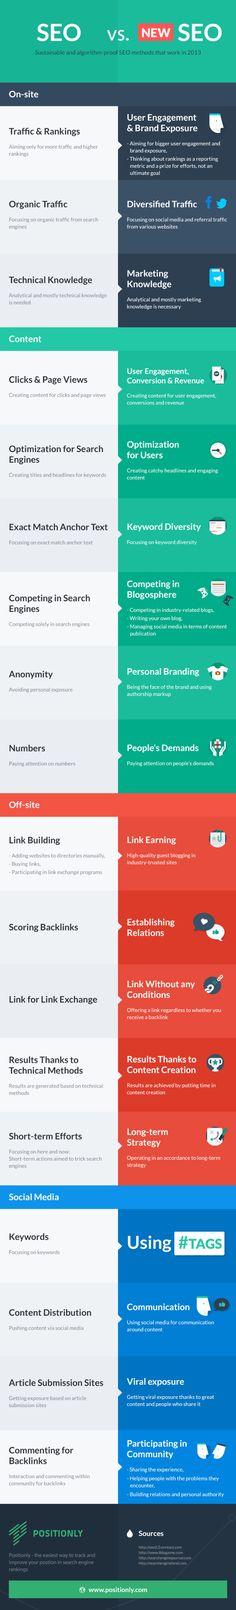 SEO vs nuevo SEO: infografía sobre las diferencias (pineado por @mariatejero)